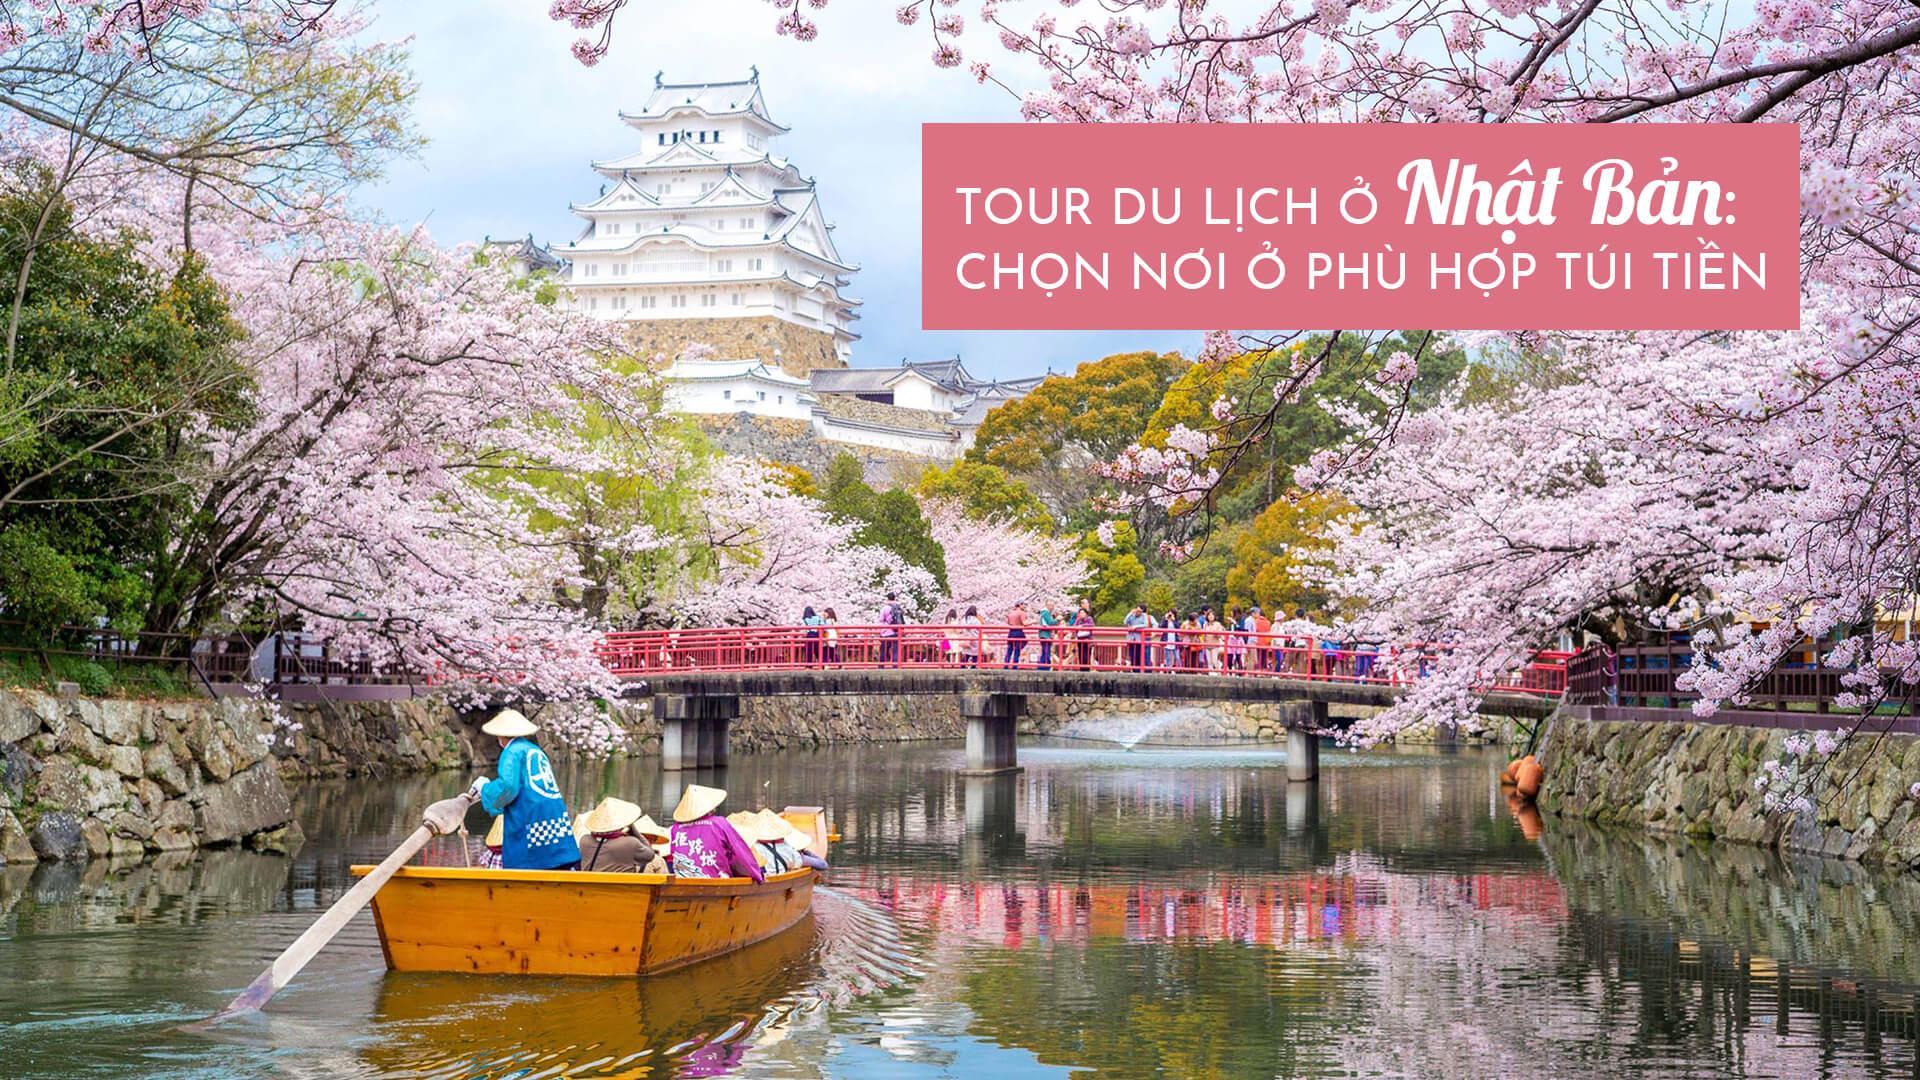 Du lịch ở Nhật Bản: chọn nơi ở phù hợp túi tiền